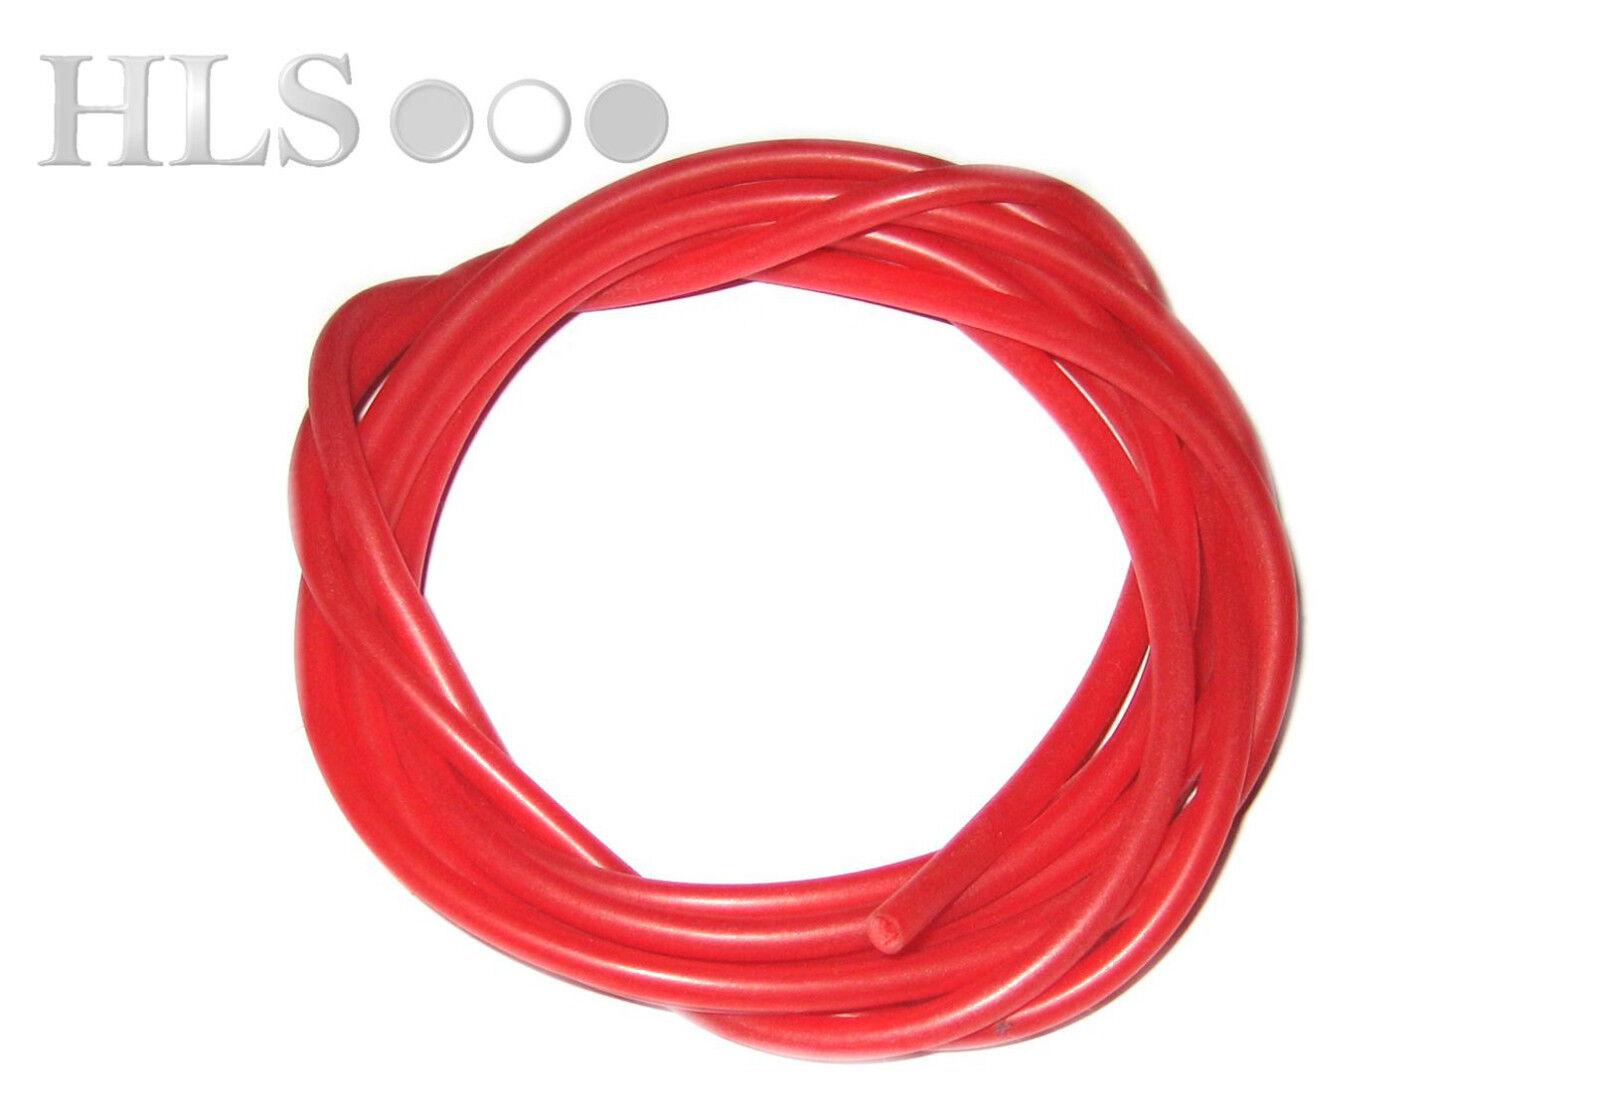 rede Silikon Rig Tube 0.5, 0.75, 1.0, 1.5,  2.0 And 3.0mm Id, Hls Karpfenzubehör  general high quality